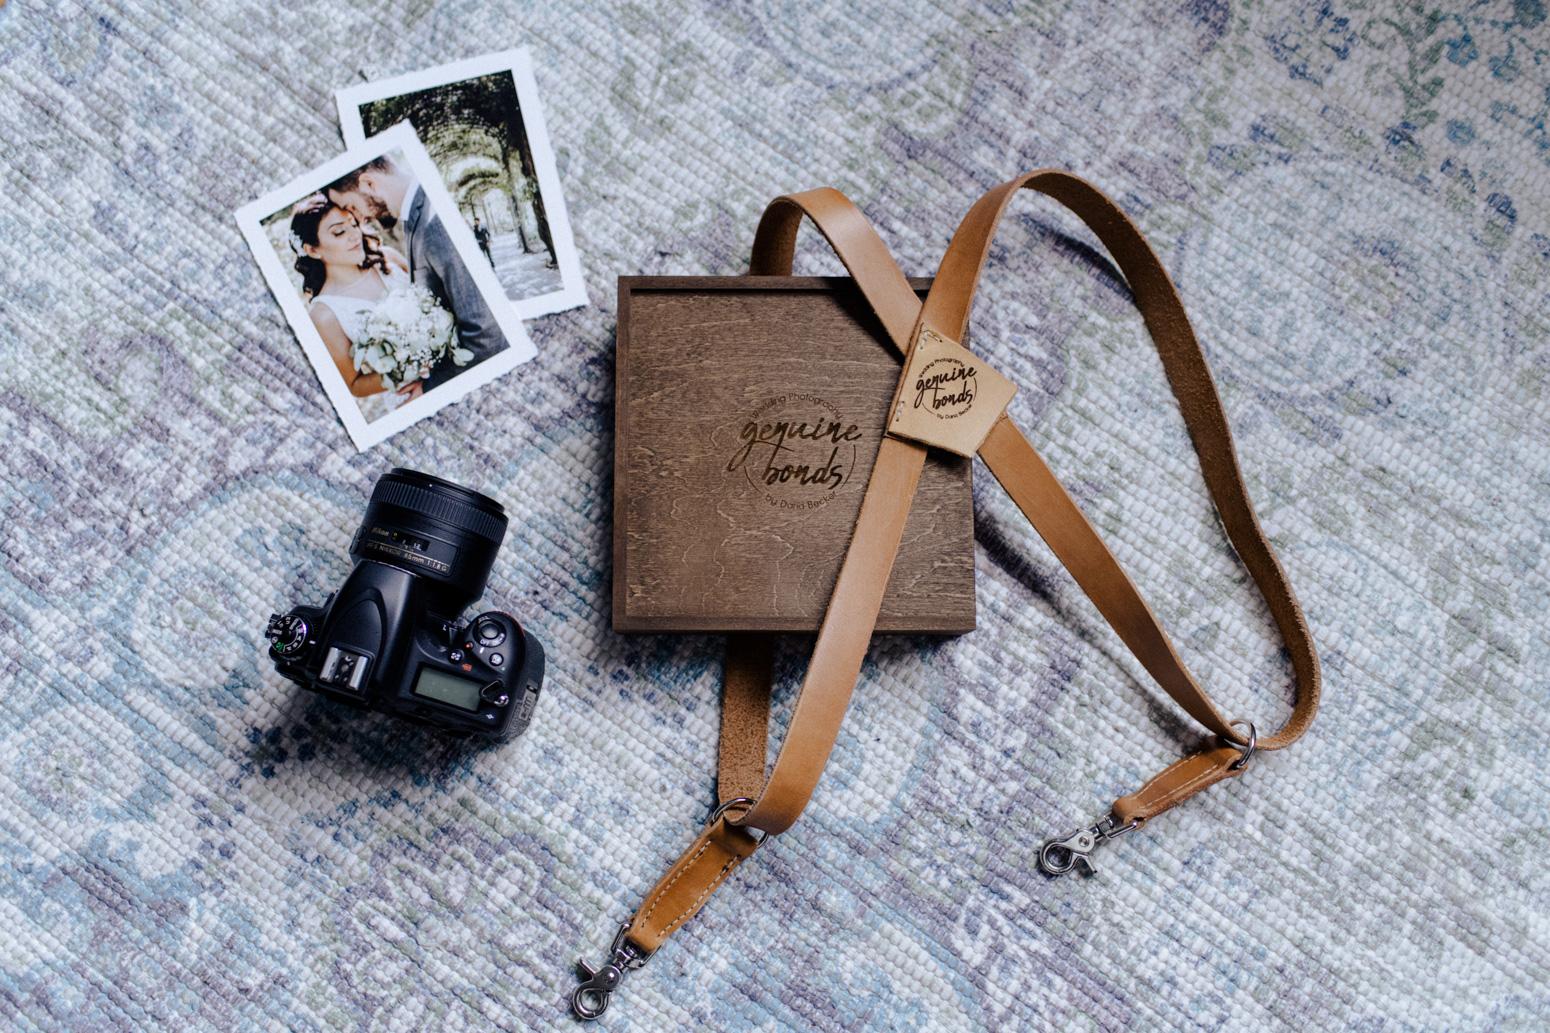 Genuine-Bonds-Daria-Becker-Holzbox-Hochzeitsreportage-Köln-Bonn-Hochzeitsfotografin-Hochzeitsfotograf-Fine-Art-Prints-1